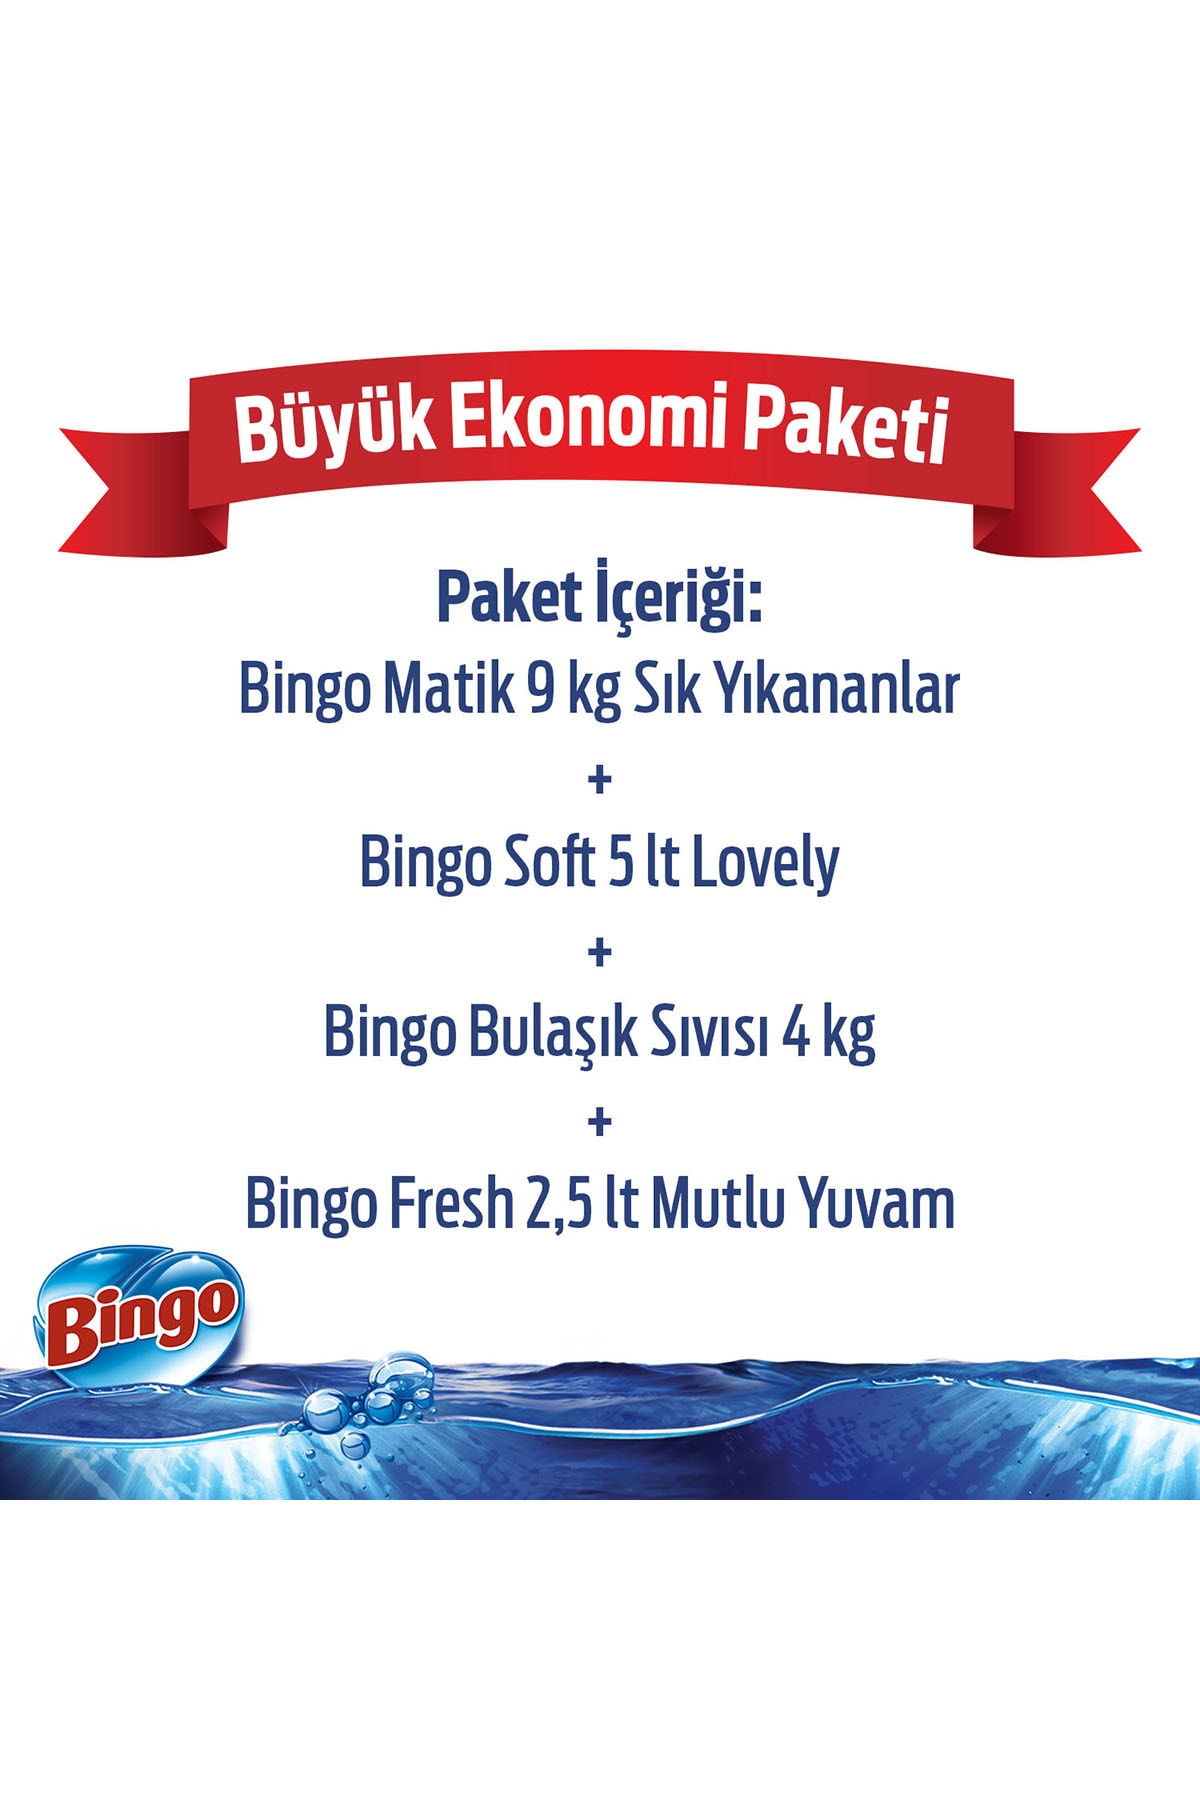 Bingo Toz Çamaşır Deterjanı 9 kg + Yumuşatıcı 5 lt Lovely+Bulaşık Sıvısı 4 kg+Yüzey Temizleyicisi 2,5 lt 2